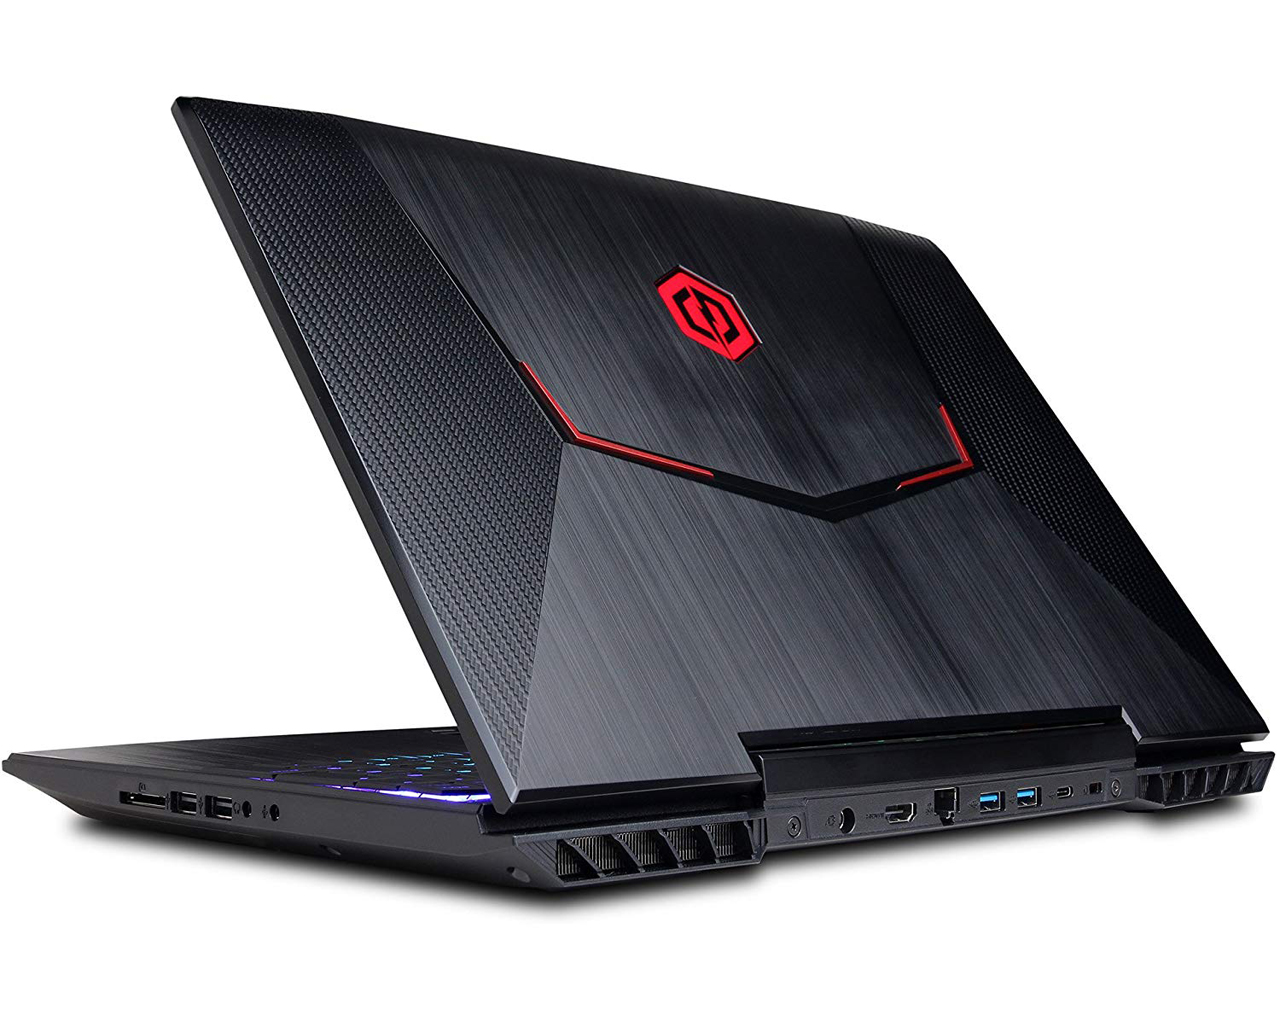 Cyberpower Tracer III, i7-8750H, GTX 1060 - Notebookcheck net